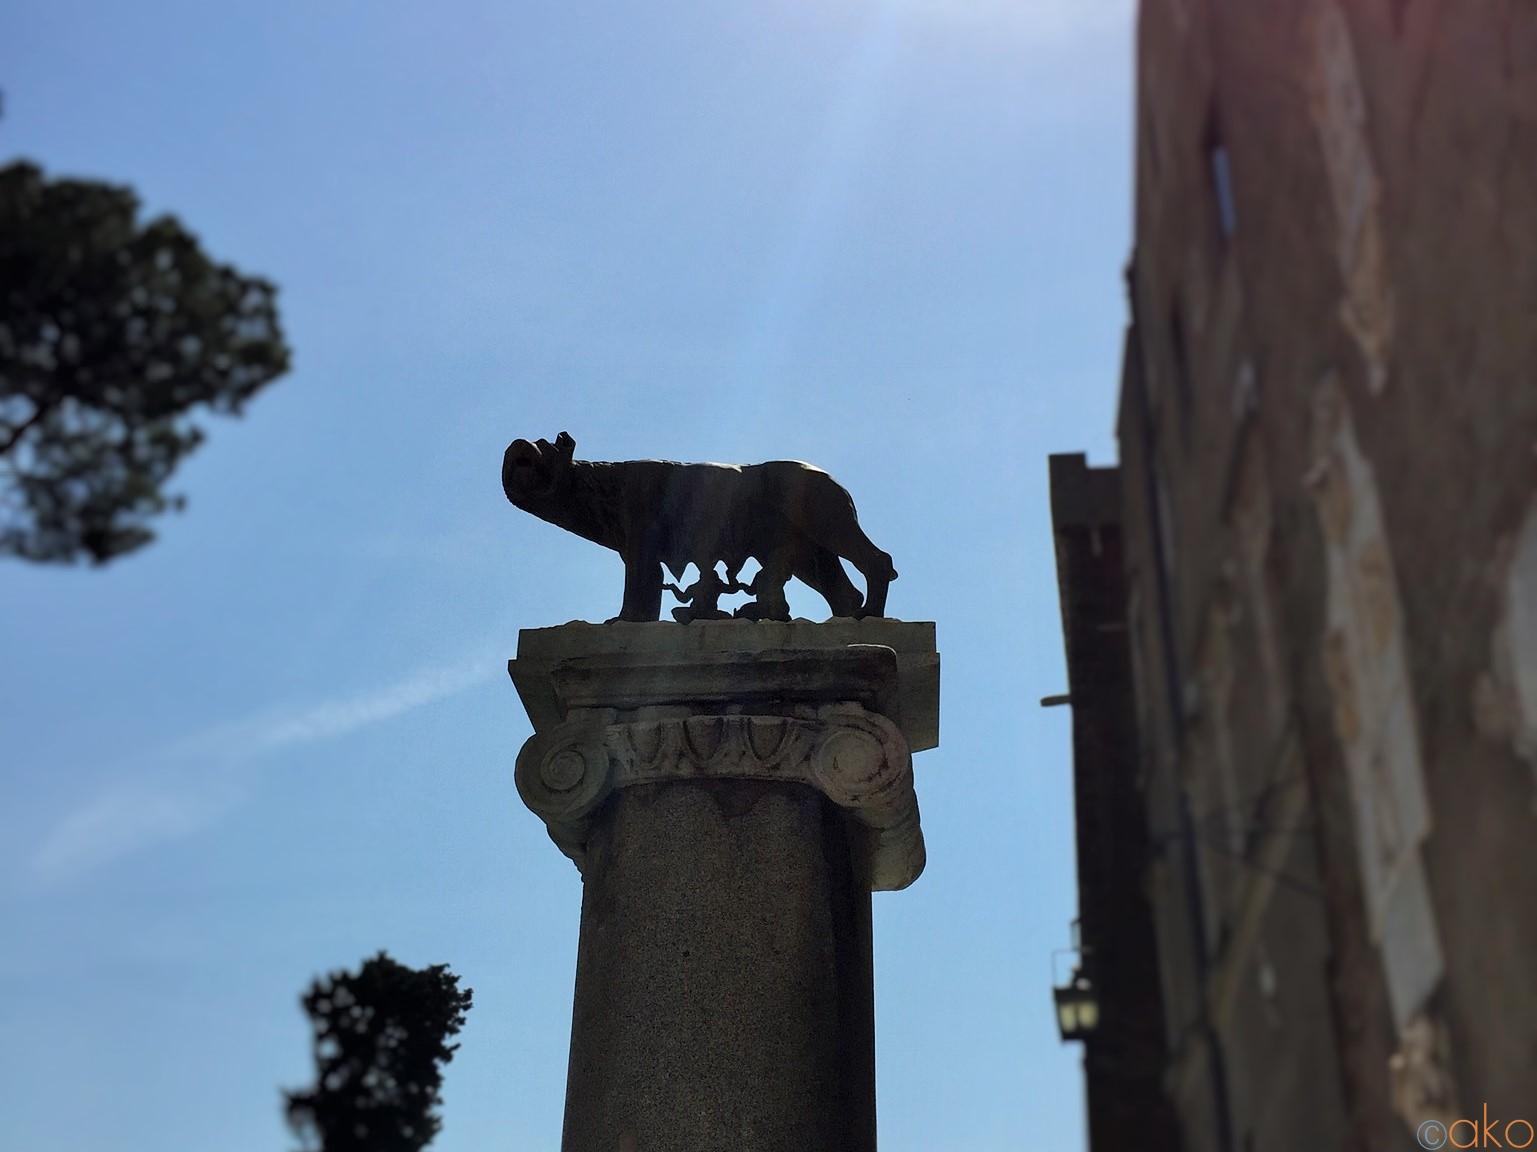 ローマの礎を築いた聖地「カンピドリオ広場」見逃せないポイント5選 | イタリア観光ガイド